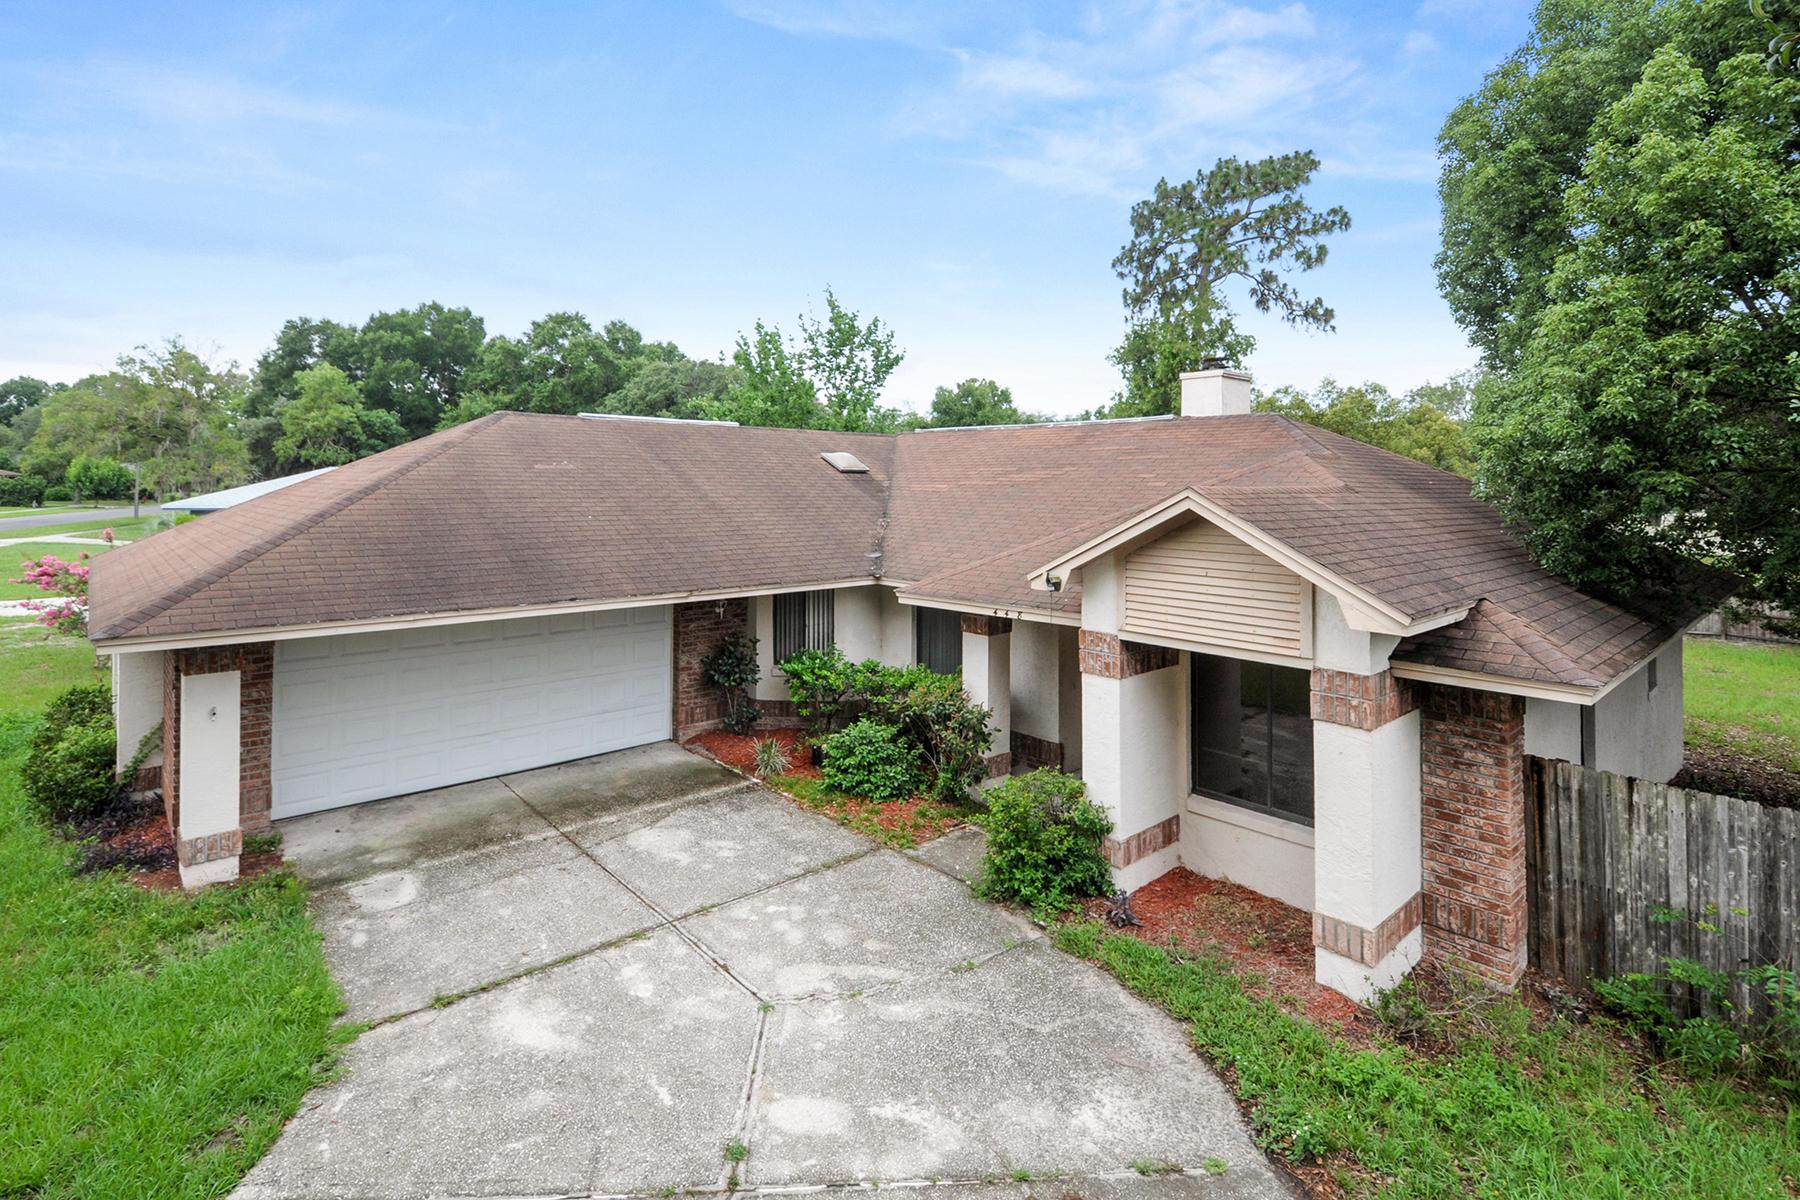 Single Family Home for Sale at ORLANDO - APOPKA 448 Cheetah Trl Apopka, Florida, 32712 United States